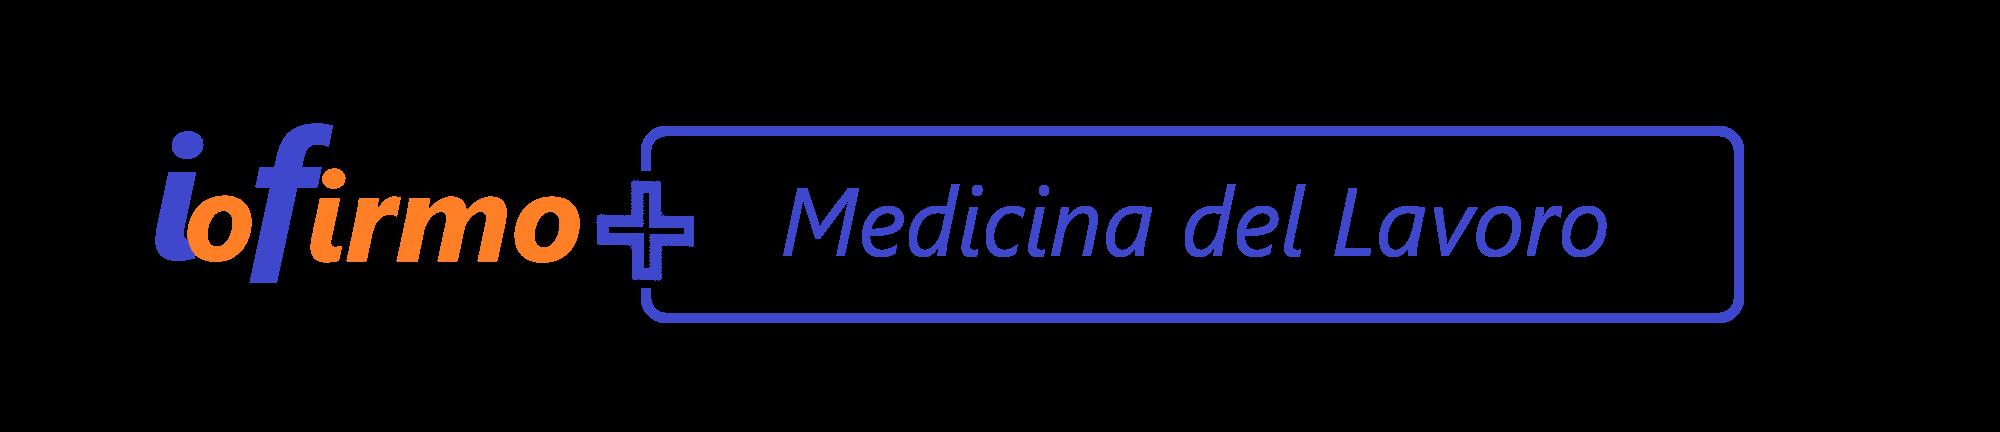 medicinadellavoro